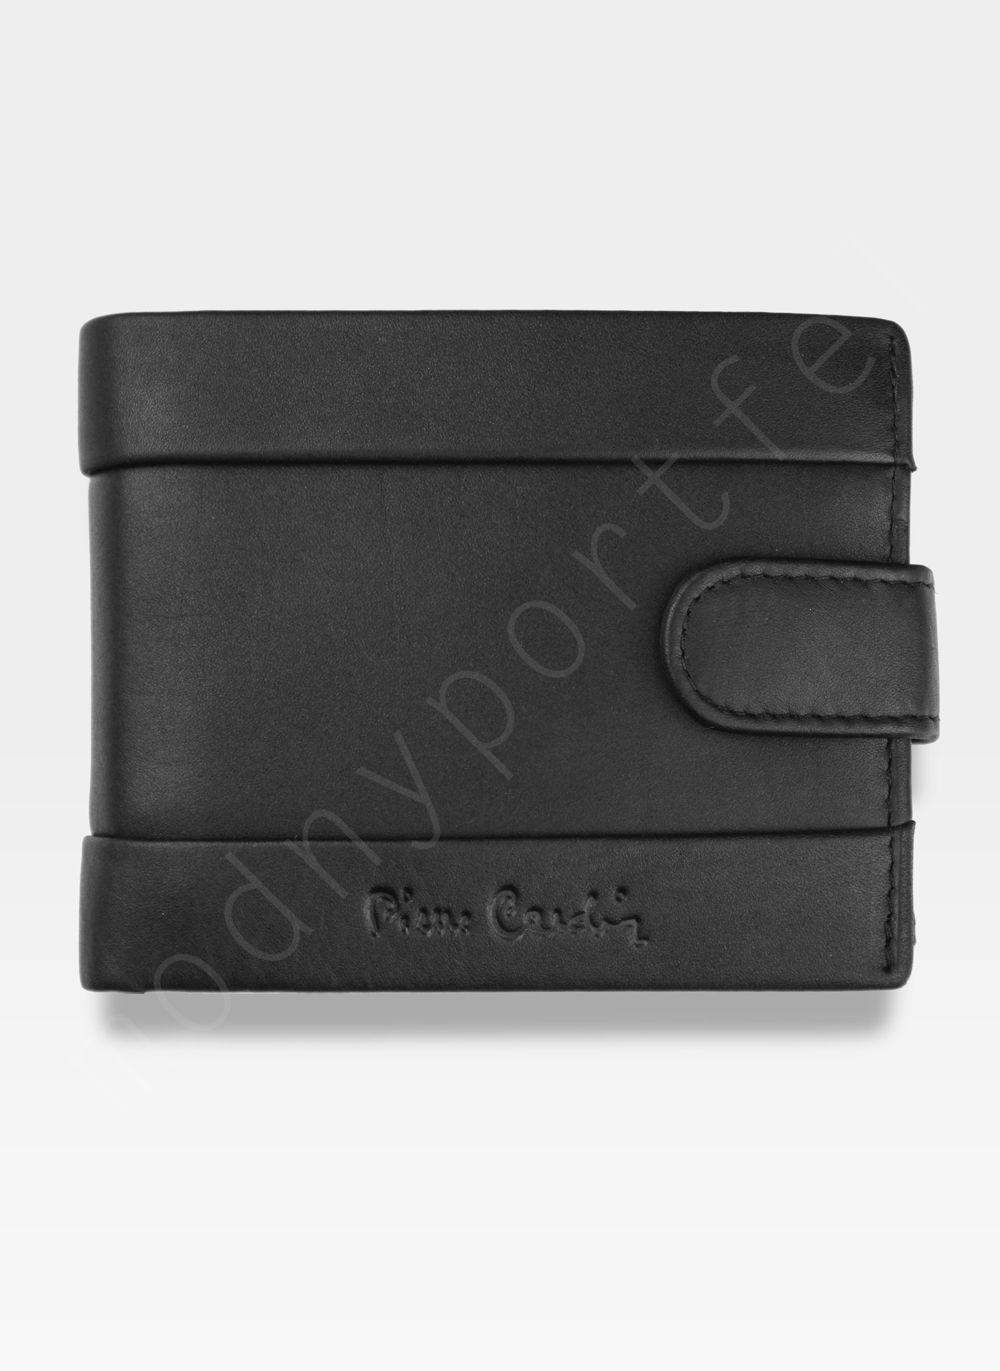 18524d43dac0c Portfel Męski Pierre Cardin Skórzany Klasyczny Zapinany Tilak25 323A Sahara  RFID Kliknij